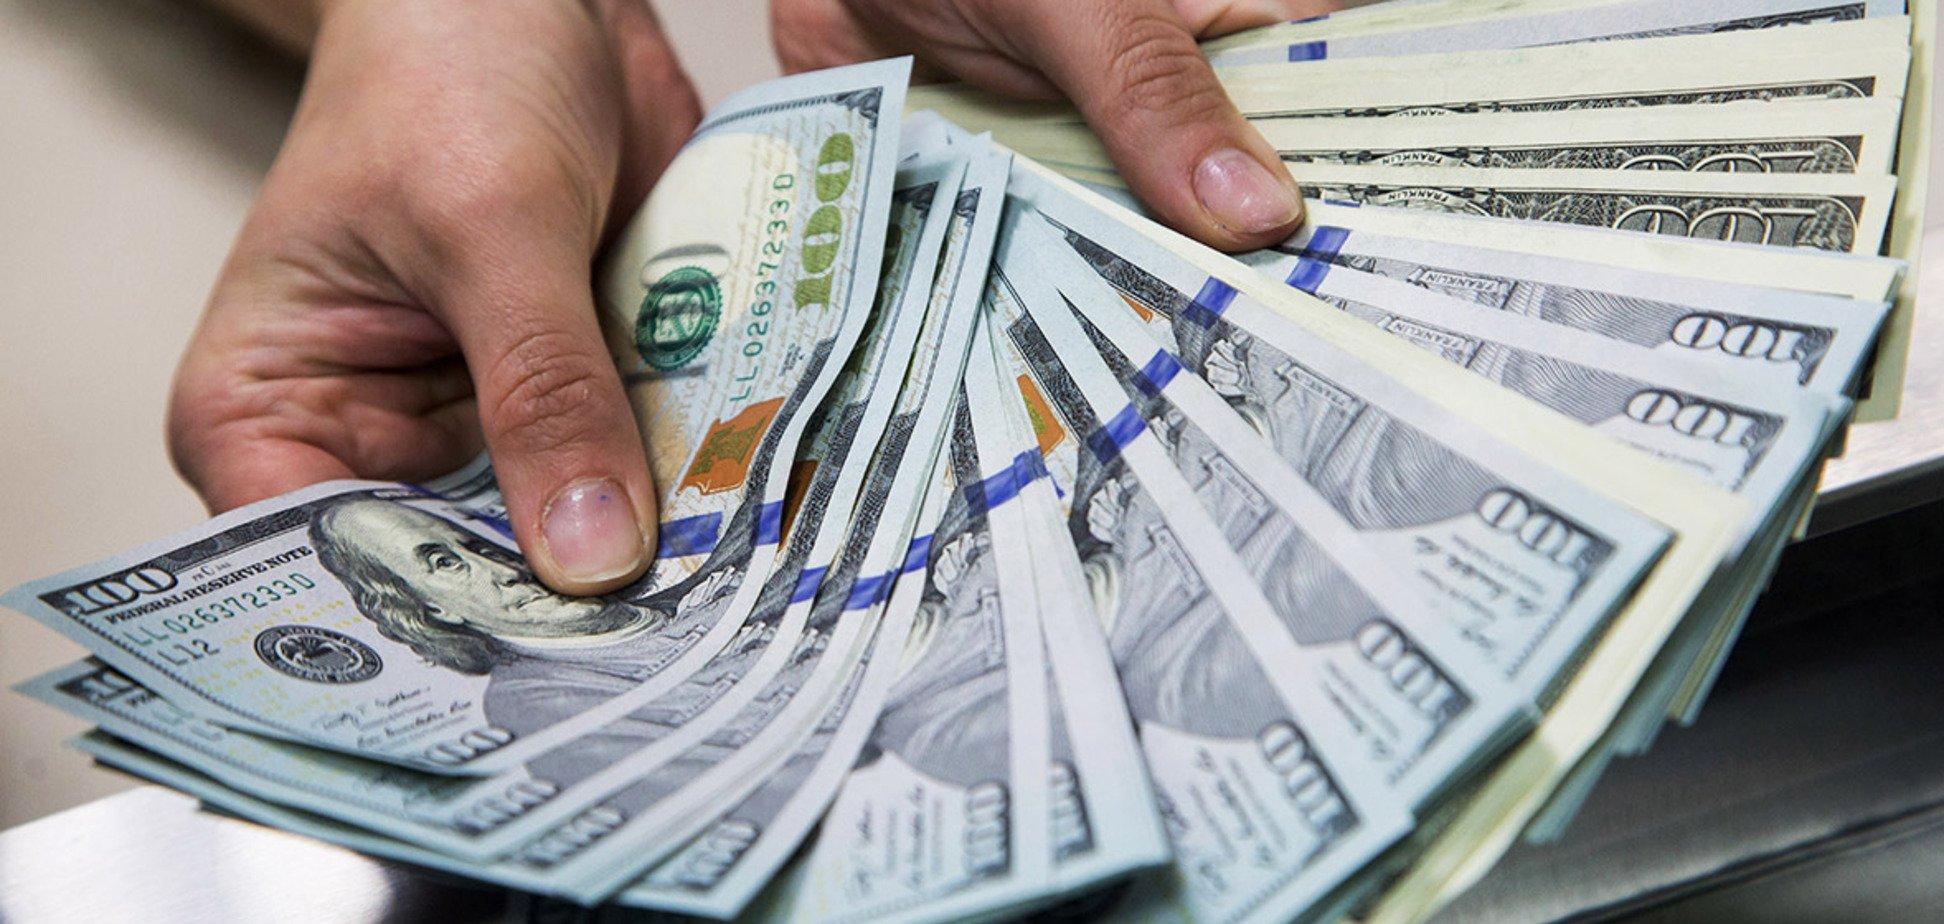 Доллар по 35 грн и инфляция: Украину предупредили о шоковом сценарии